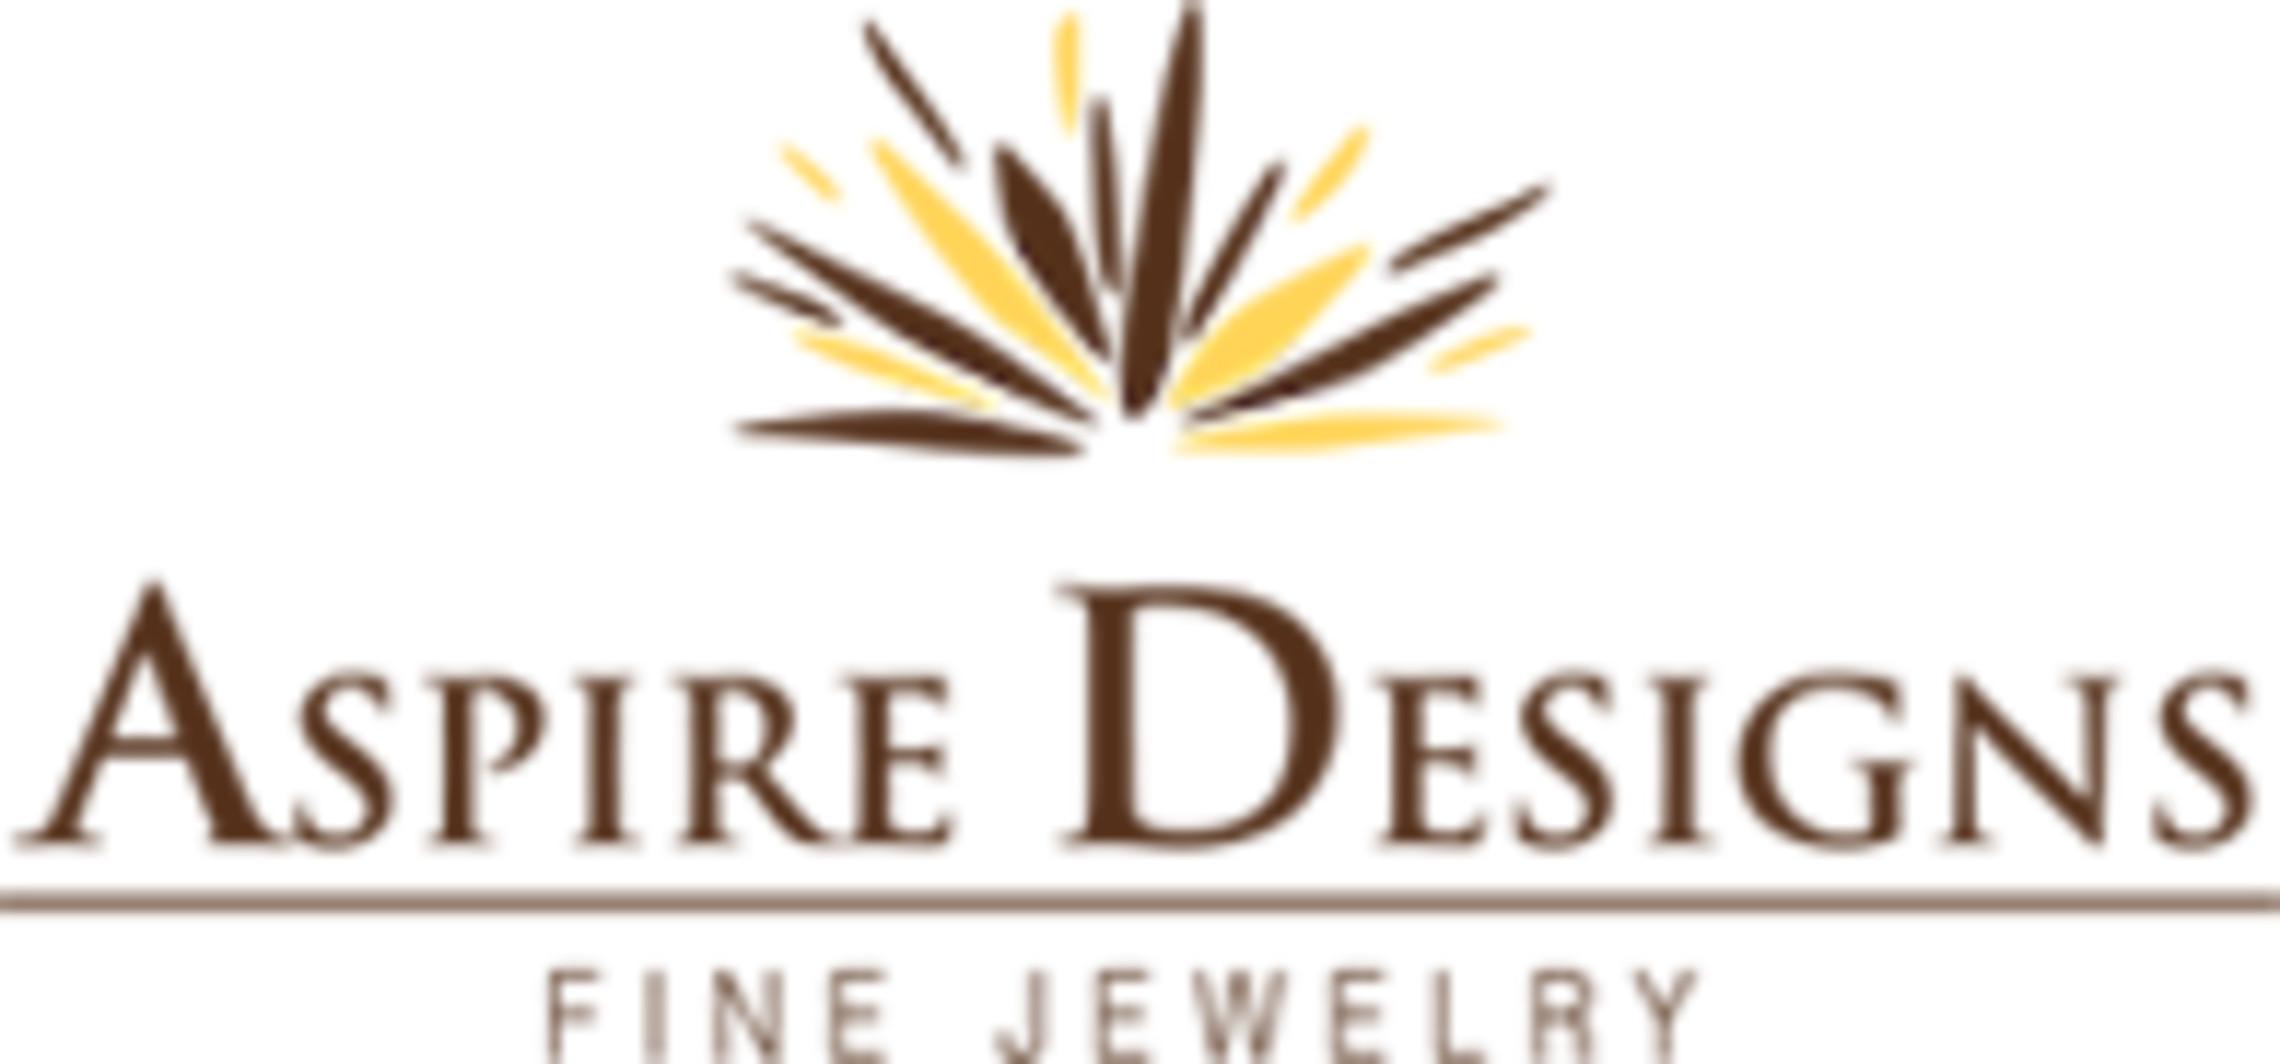 aspire designs fine- company logo